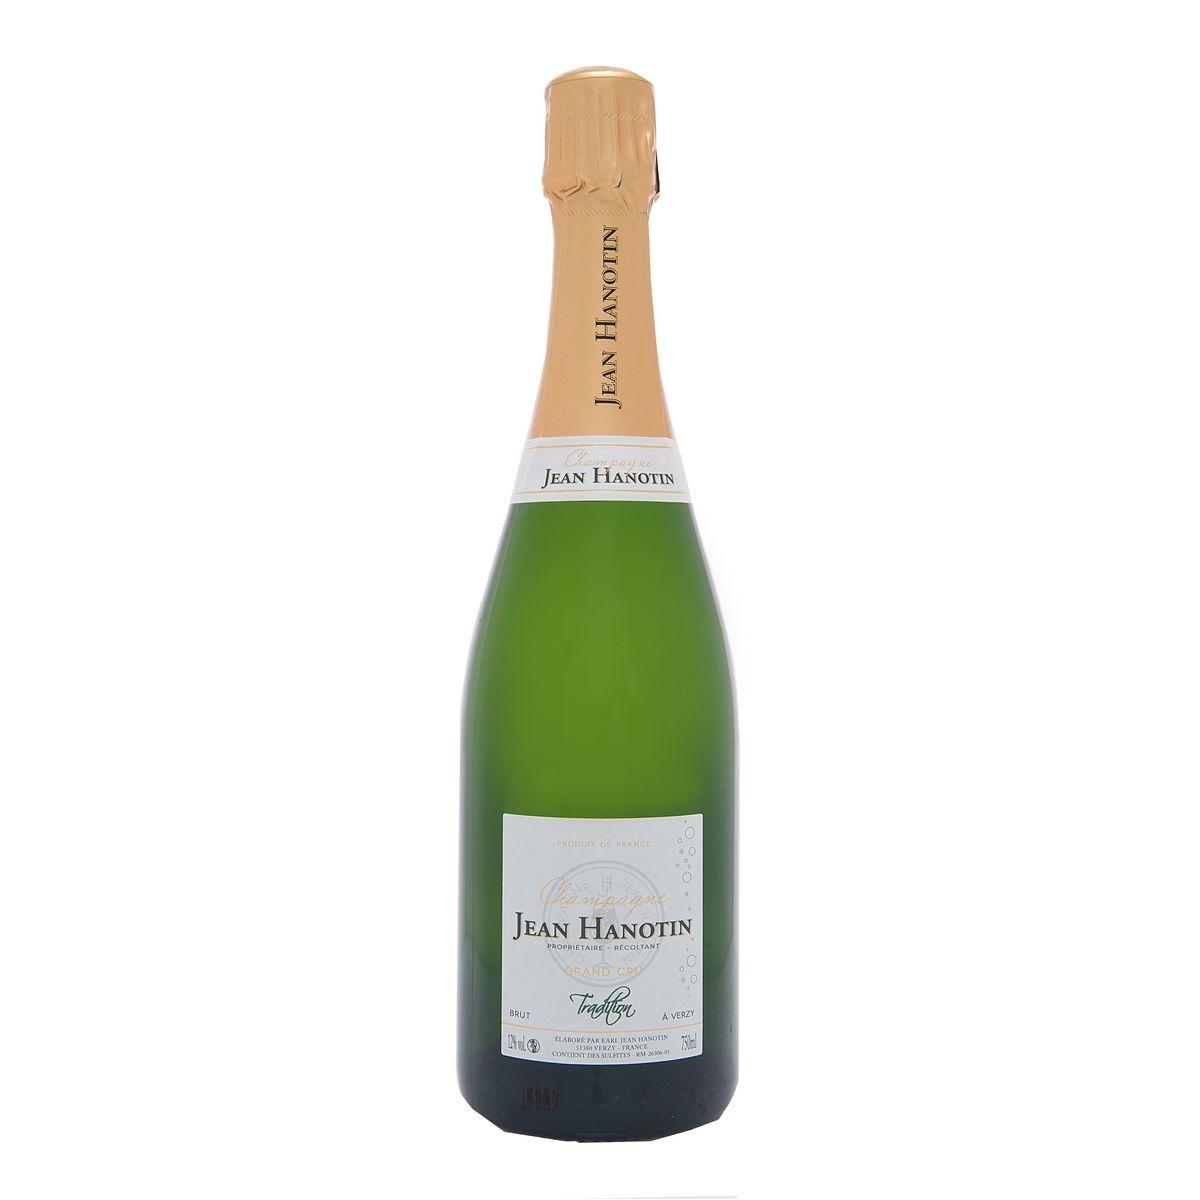 AOP Champagne Brut Grand Cru Jean Hanotin